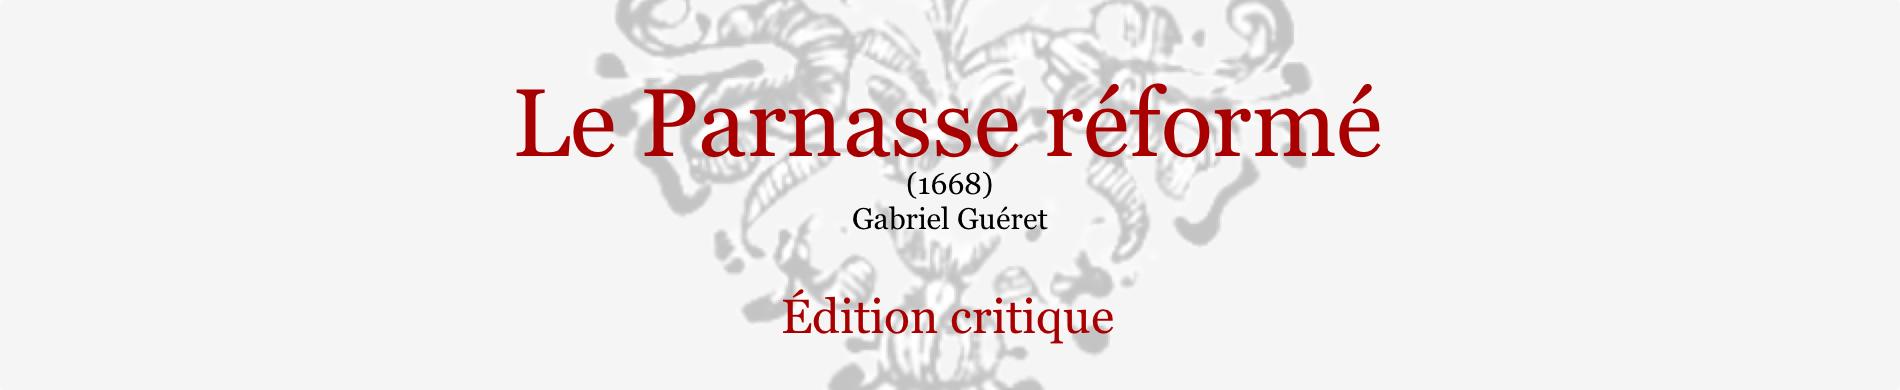 G. Guéret, <em>Le Parnasse réformé</em> (1668) en ligne